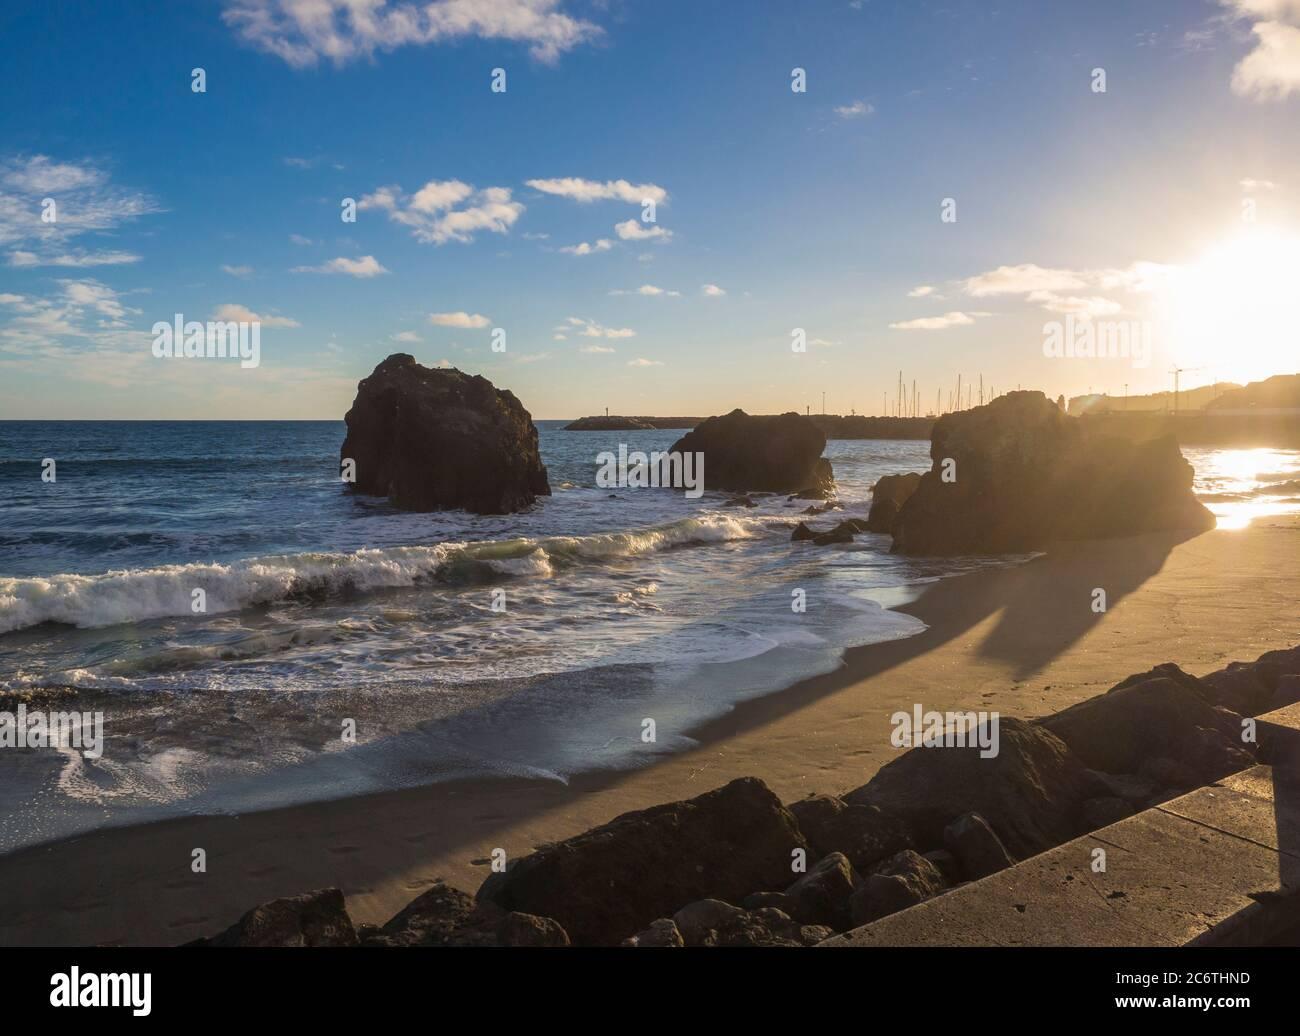 Spiaggia di sabbia della città Vila Franca do campo con rocce vulcaniche in oceano, cielo blu e nuvole bianche, Sao Miguel, Azzorre, Portogallo Foto Stock